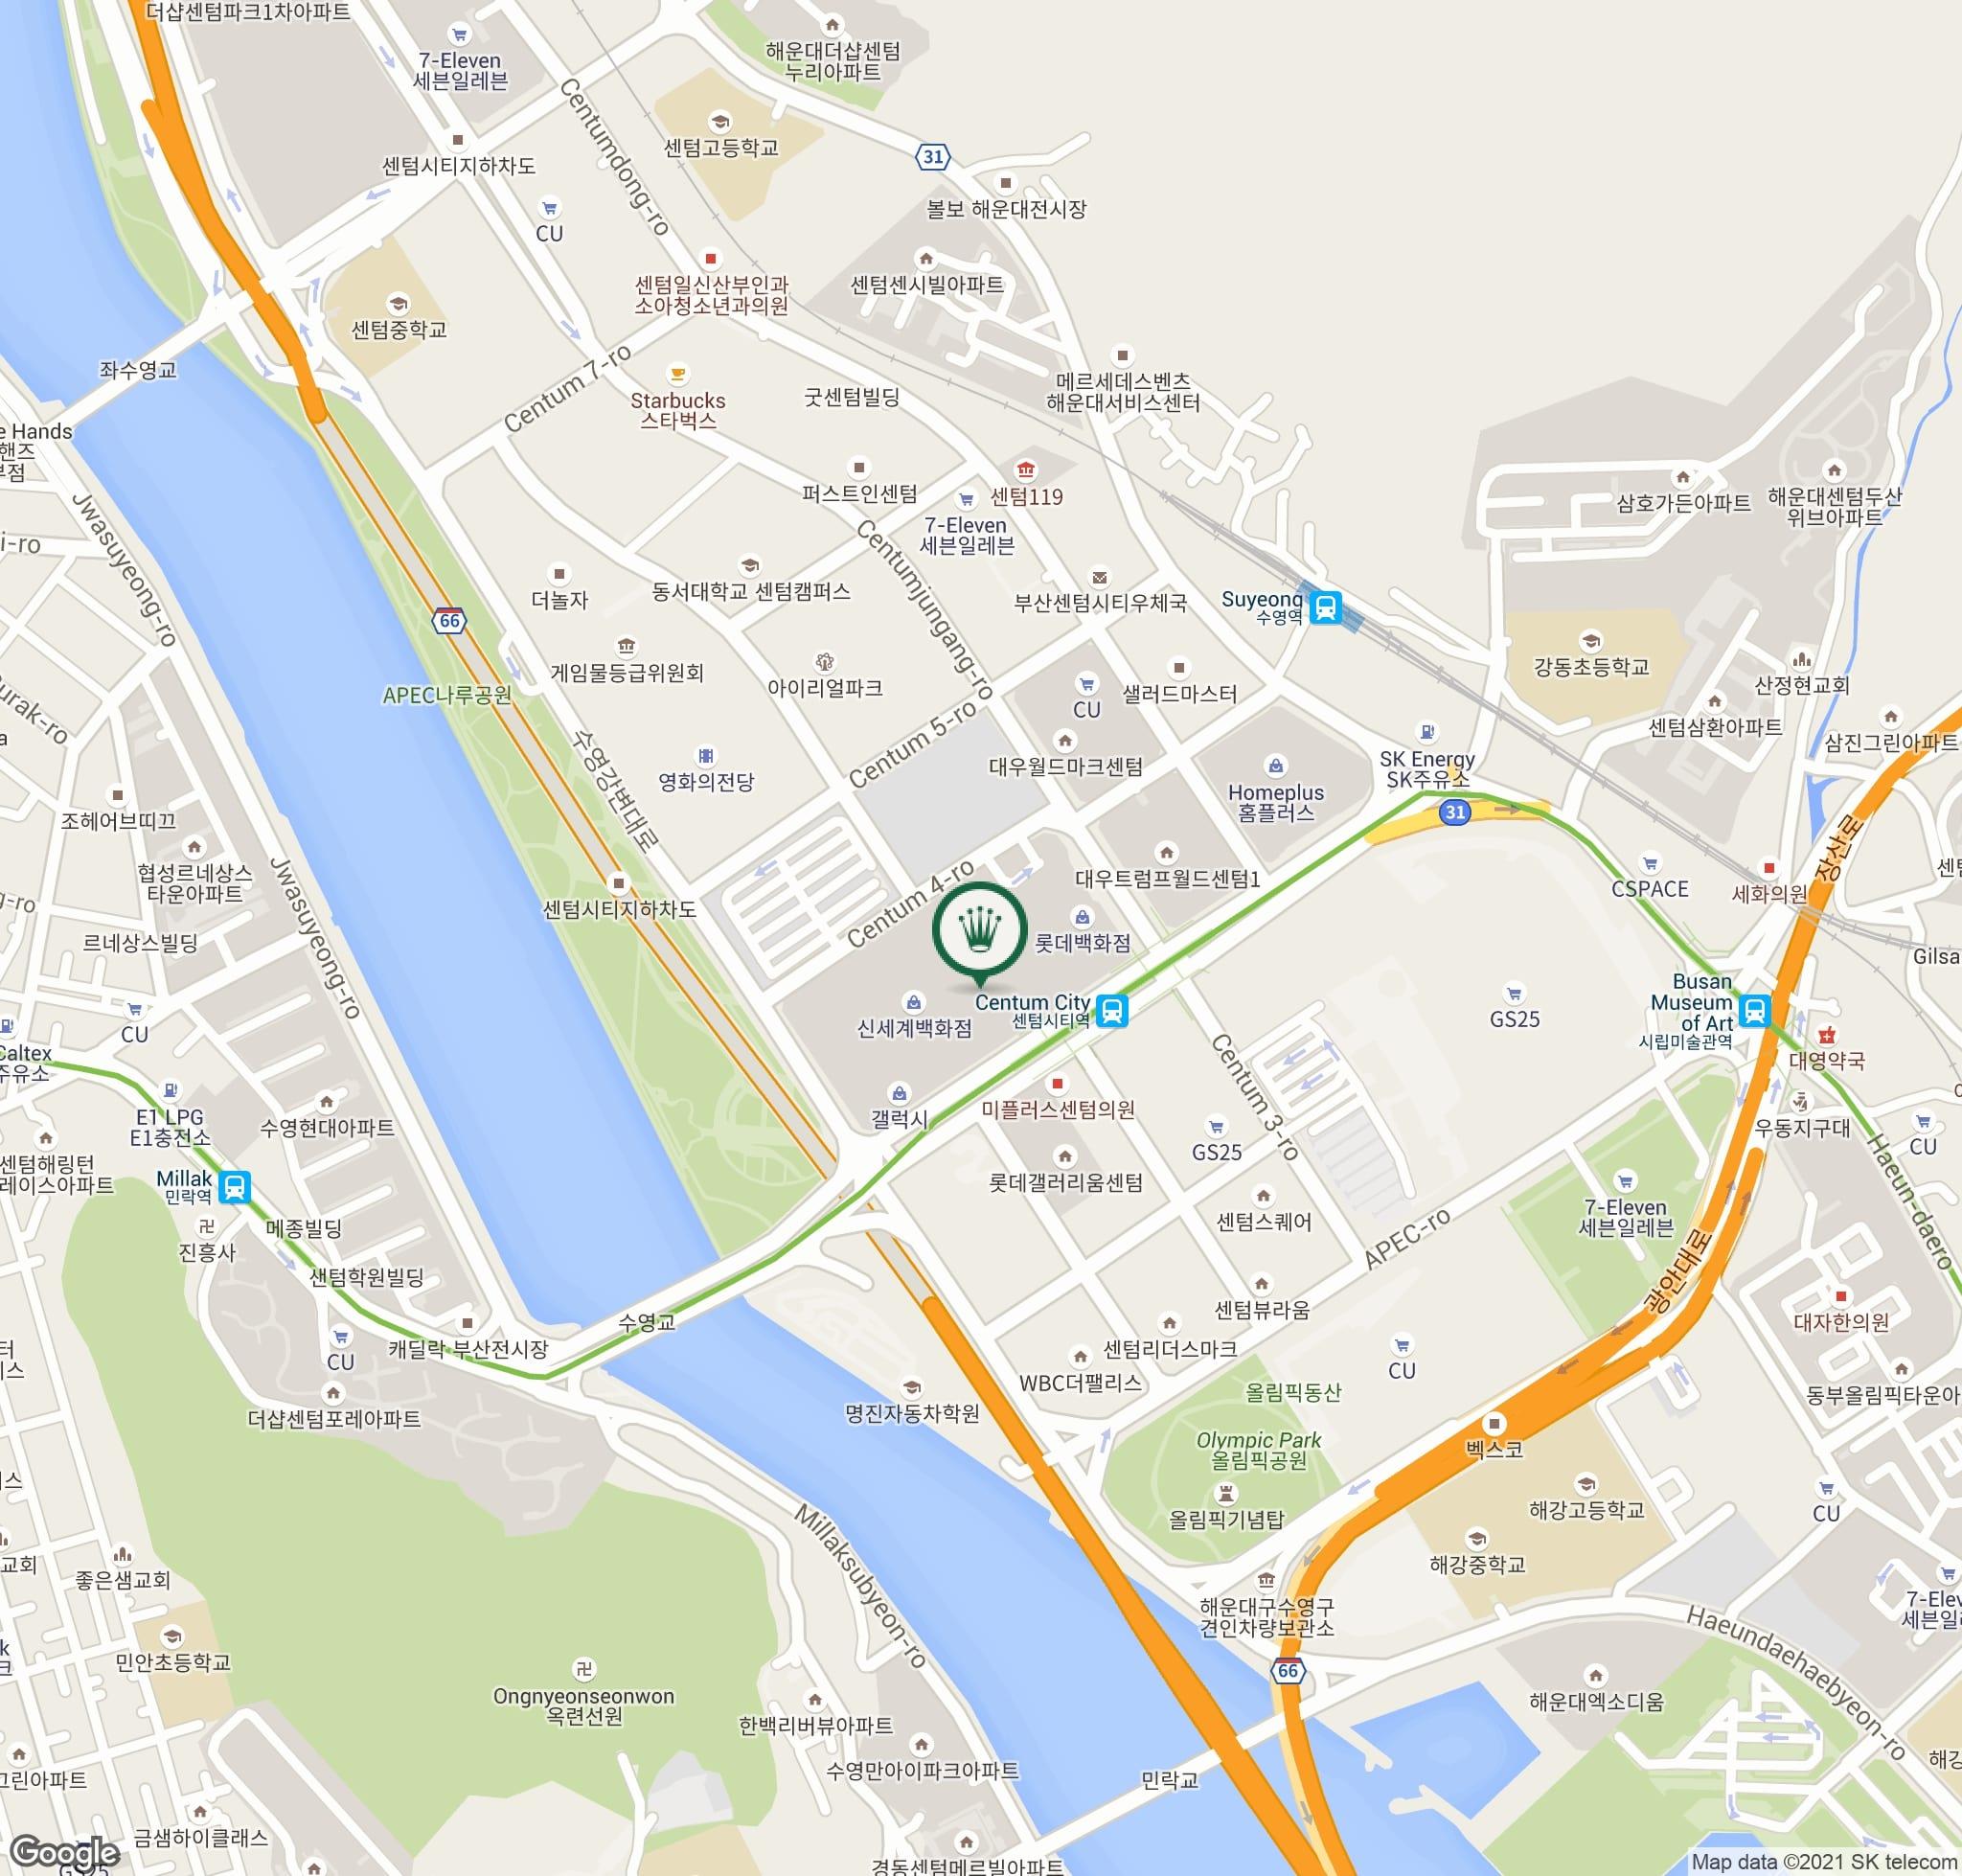 명보사 지도